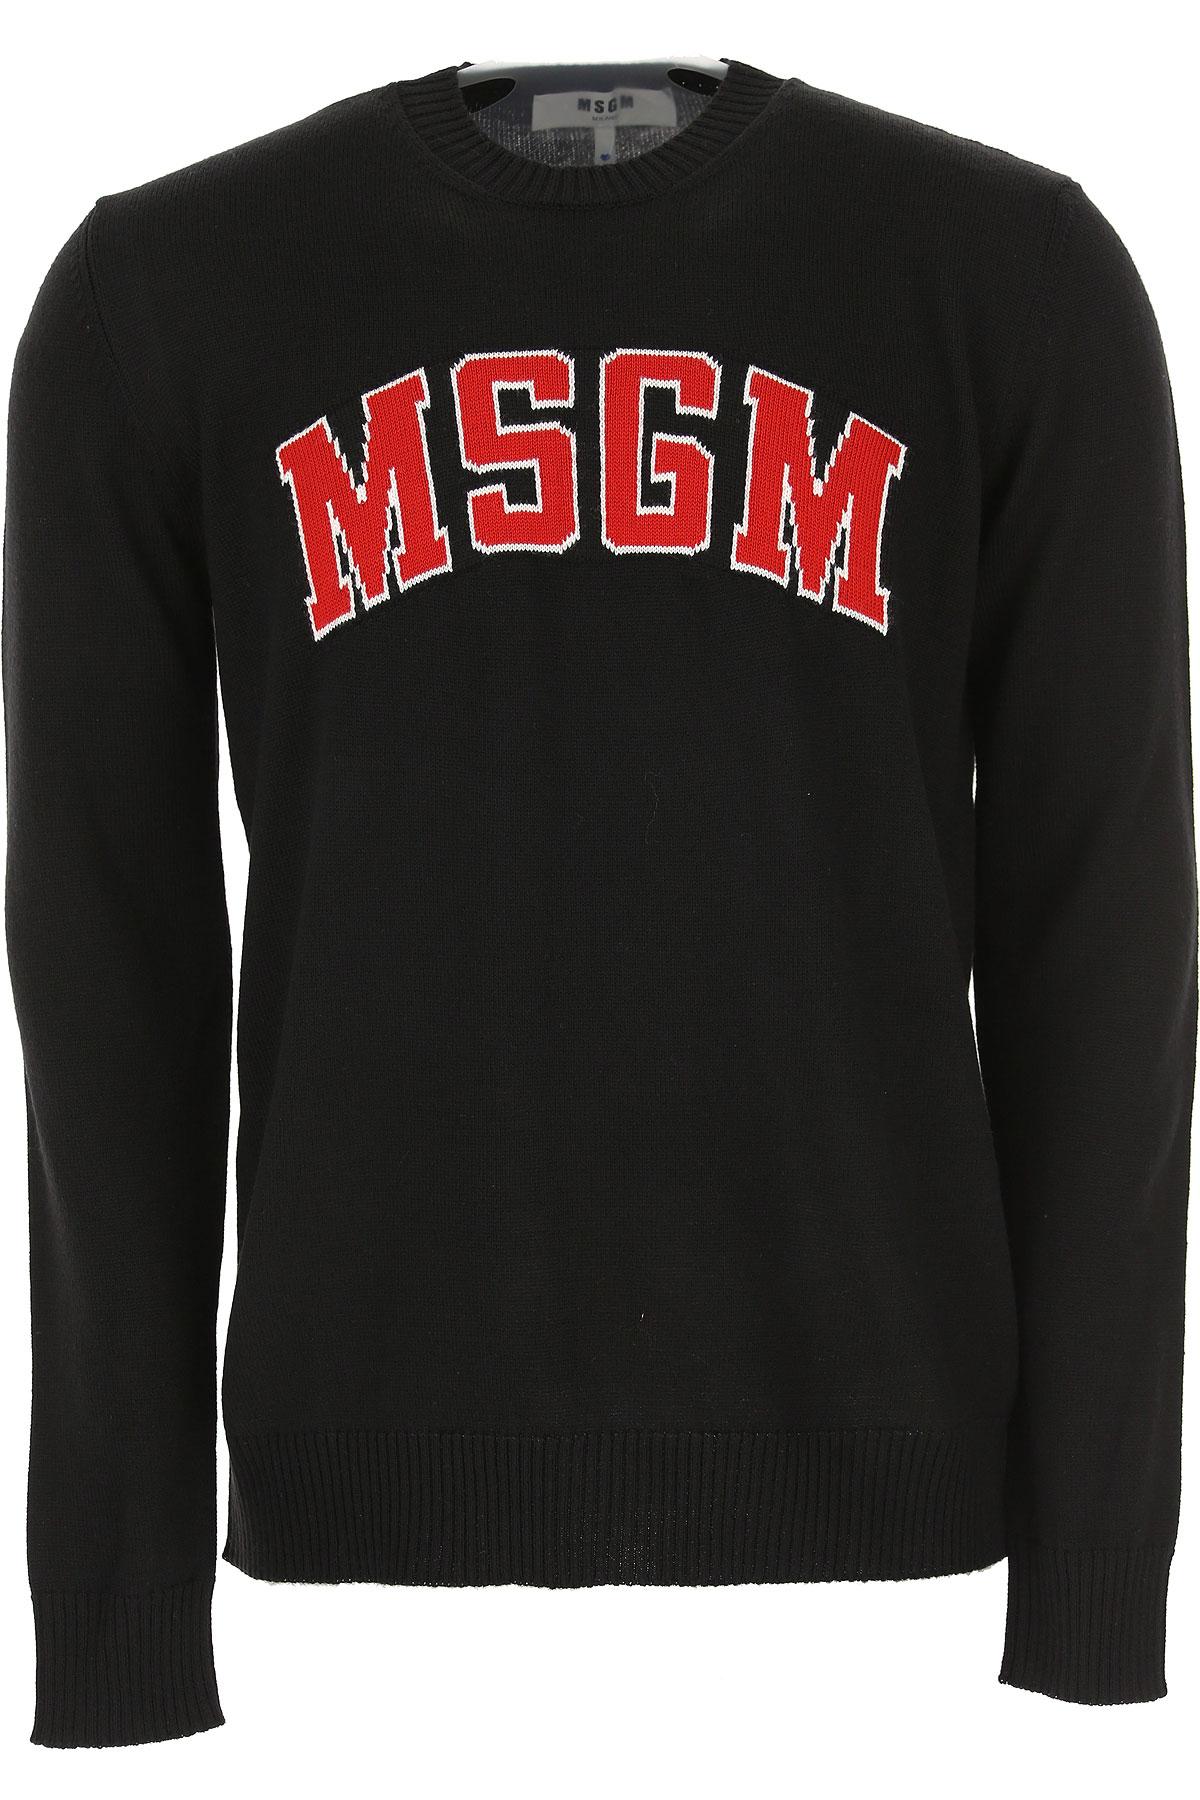 MSGM Sweater for Men Jumper, Black, Virgin wool, 2017, L M S XL